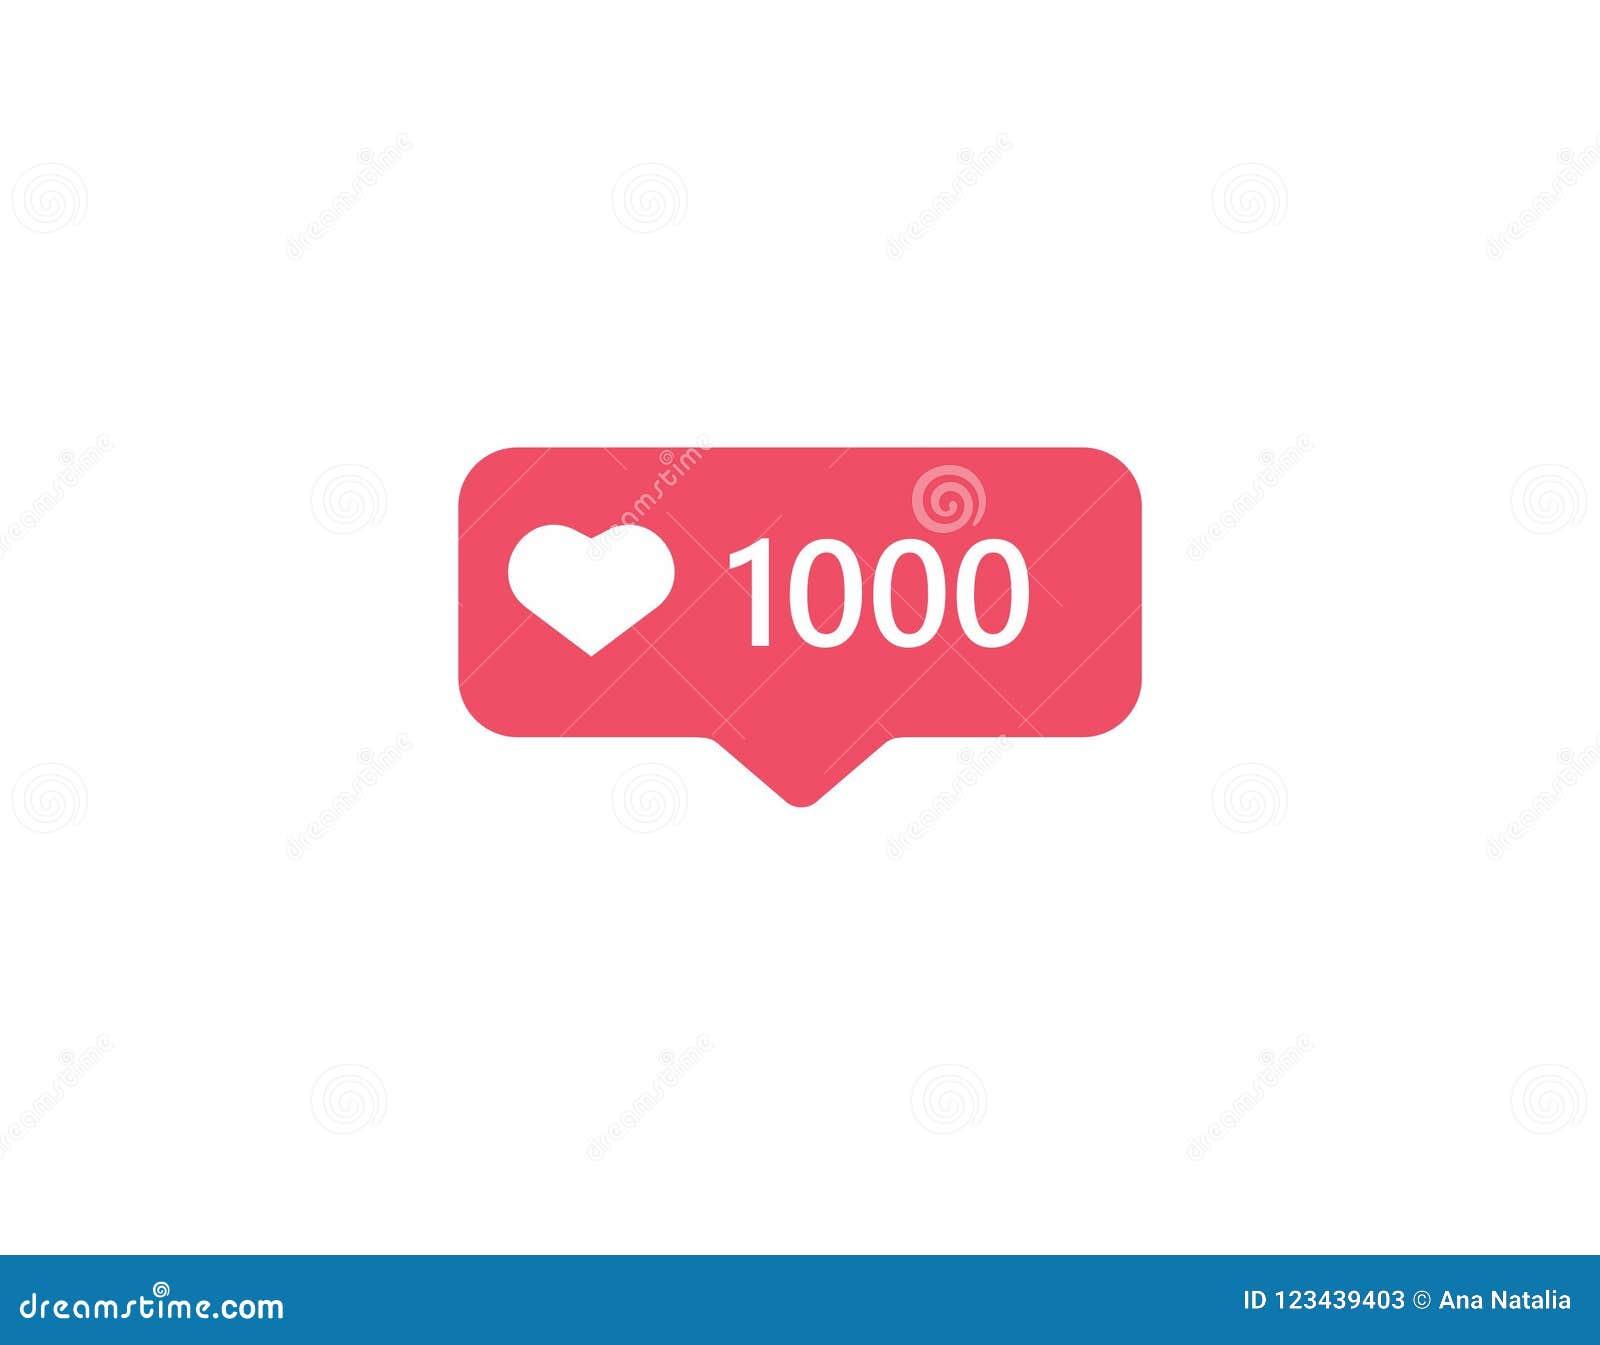 Notification Icon Instagram  1000 Follower Like Instagram Ui, App